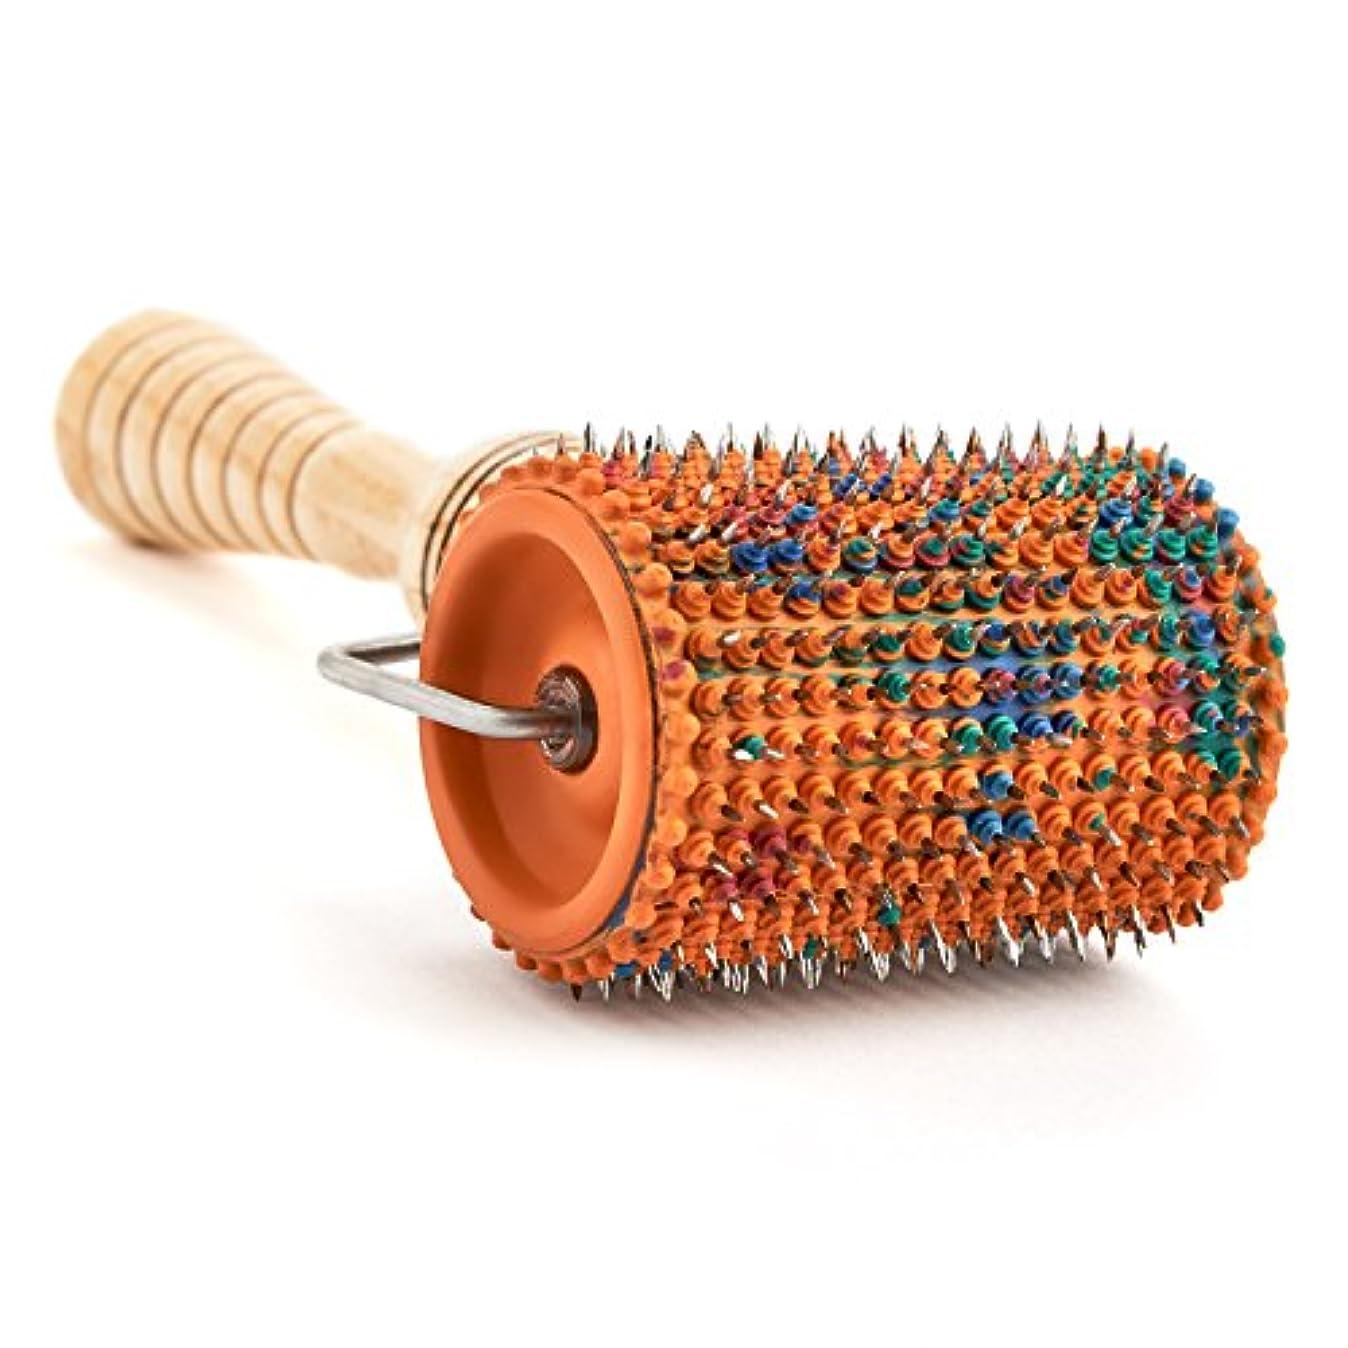 熟達したクルーハミングバードAcupuncture for Body Massage - Acupressure Applicator Lyapko Roller UNIVERSAL-M (with rubber bushings) by Lyapko